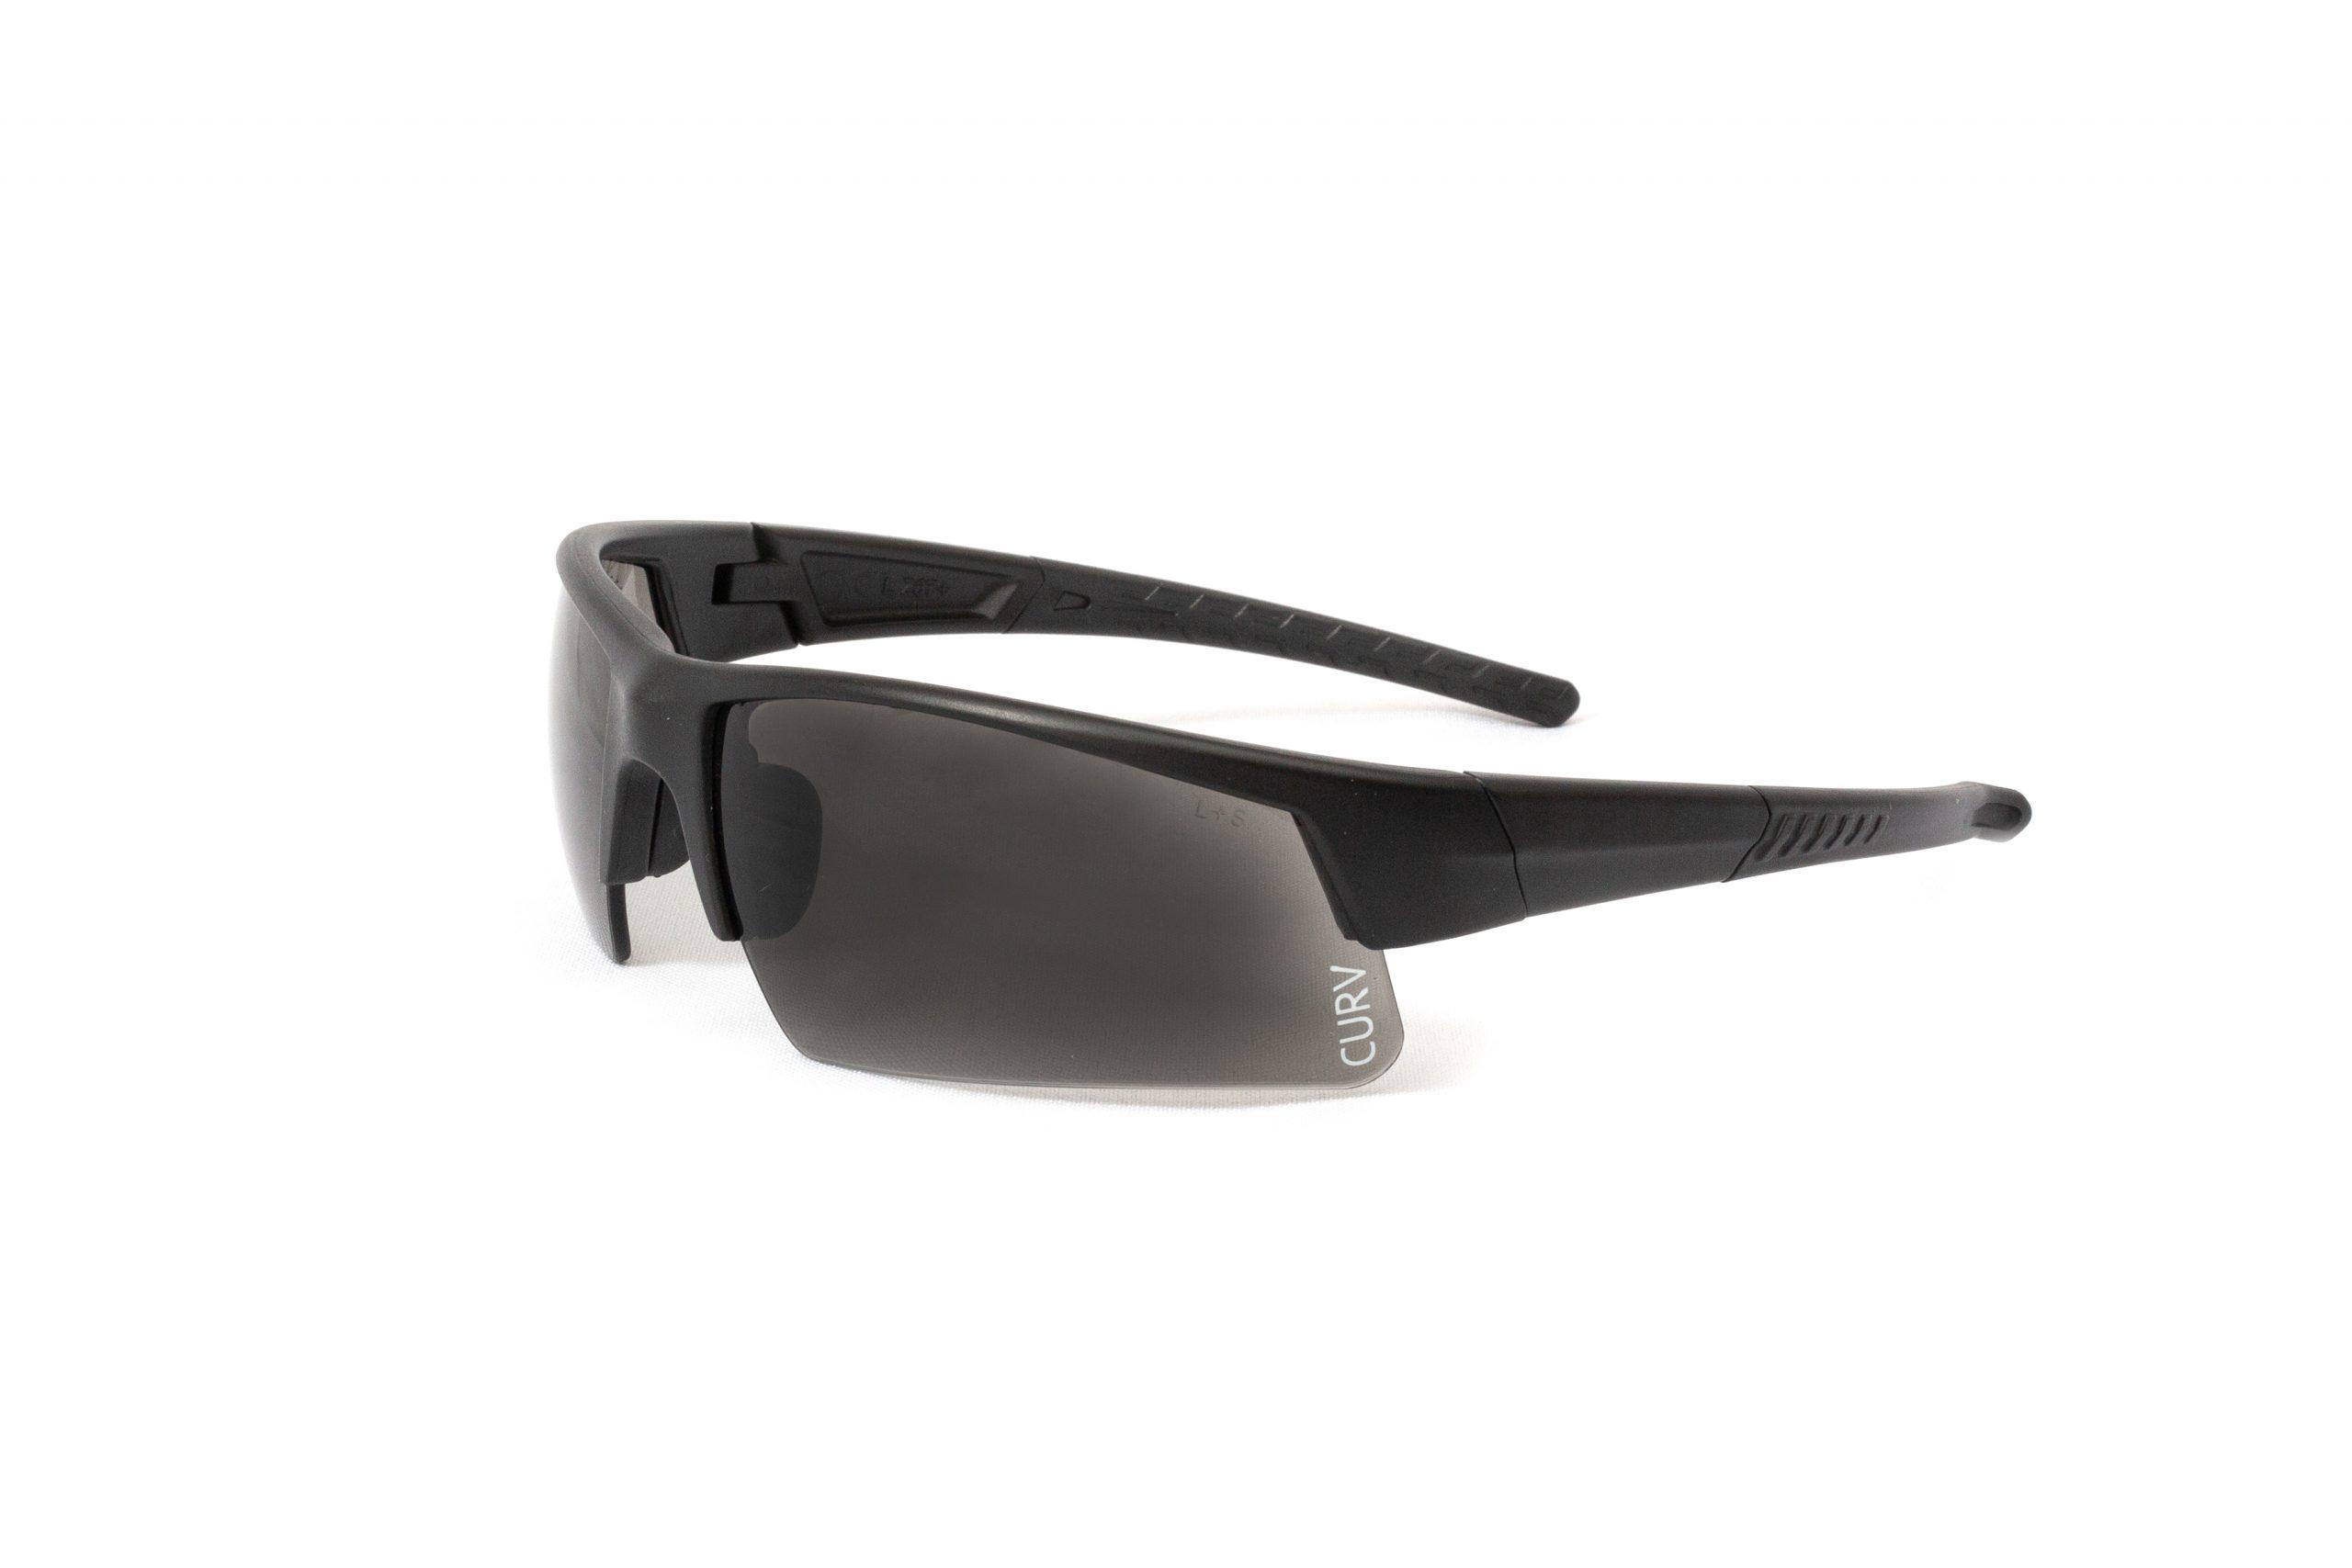 01-67 Curv Sport Smoke Sunglasses